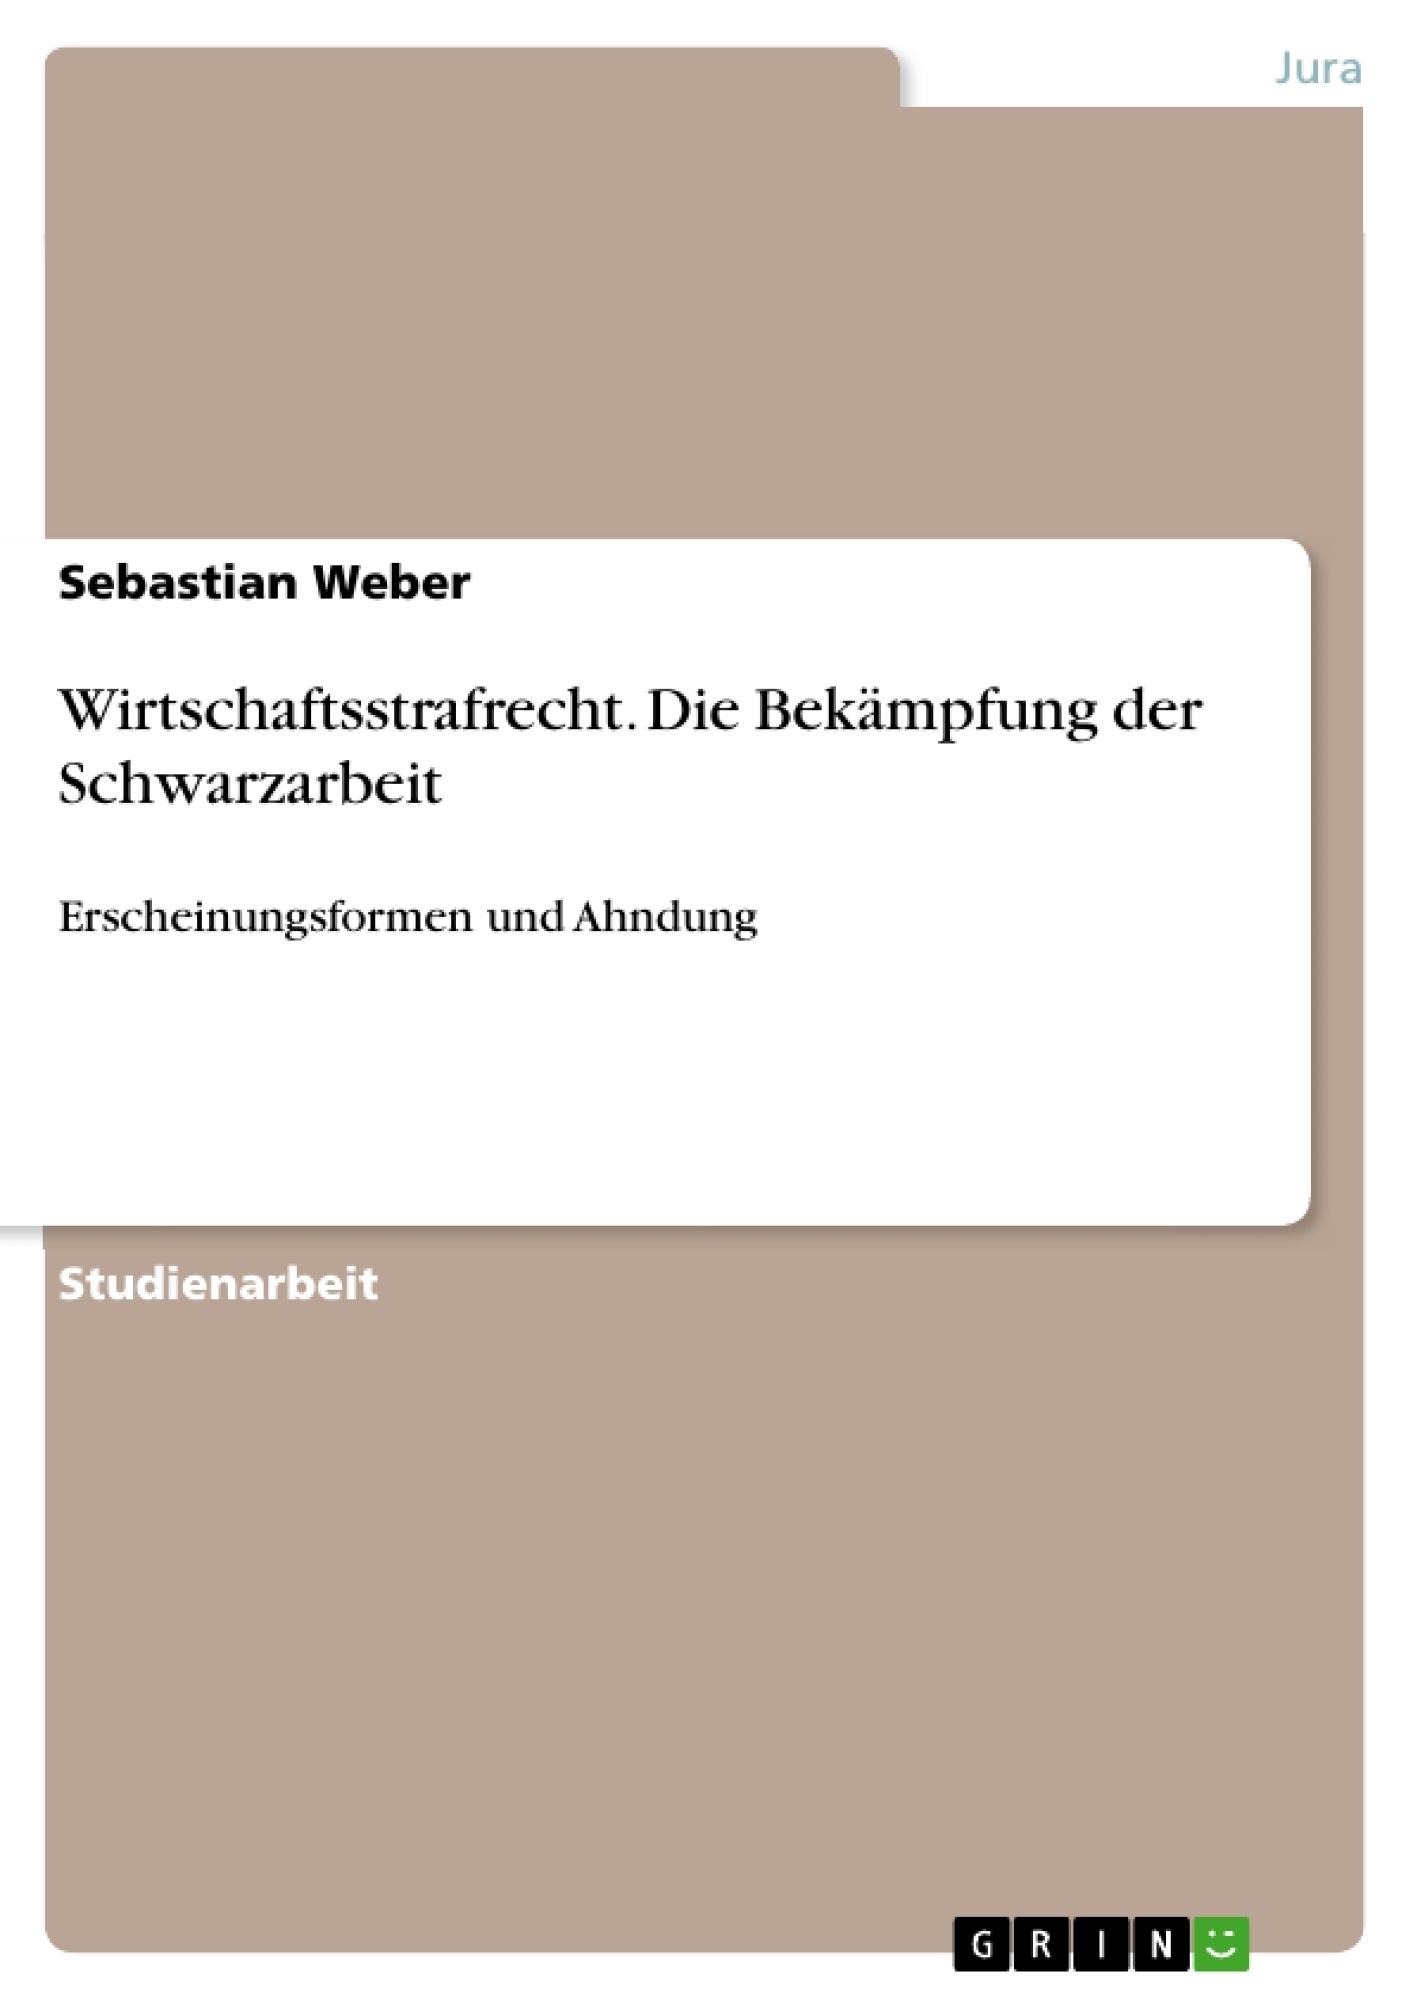 Titel: Wirtschaftsstrafrecht. Die Bekämpfung der Schwarzarbeit